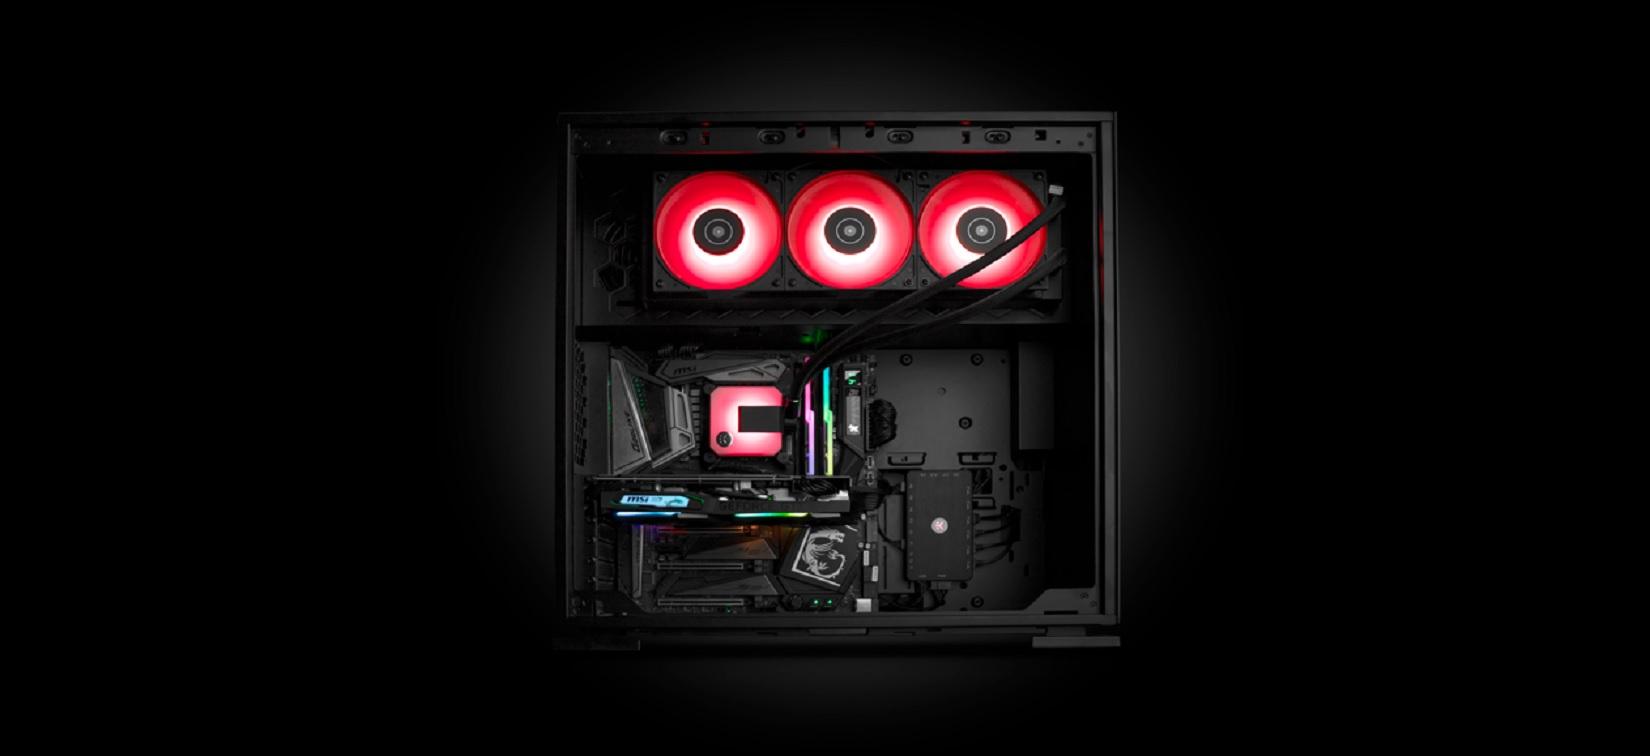 Hình ảnh của Tản nhiệt nước EK-AIO 240 D-RGB thực tế 01